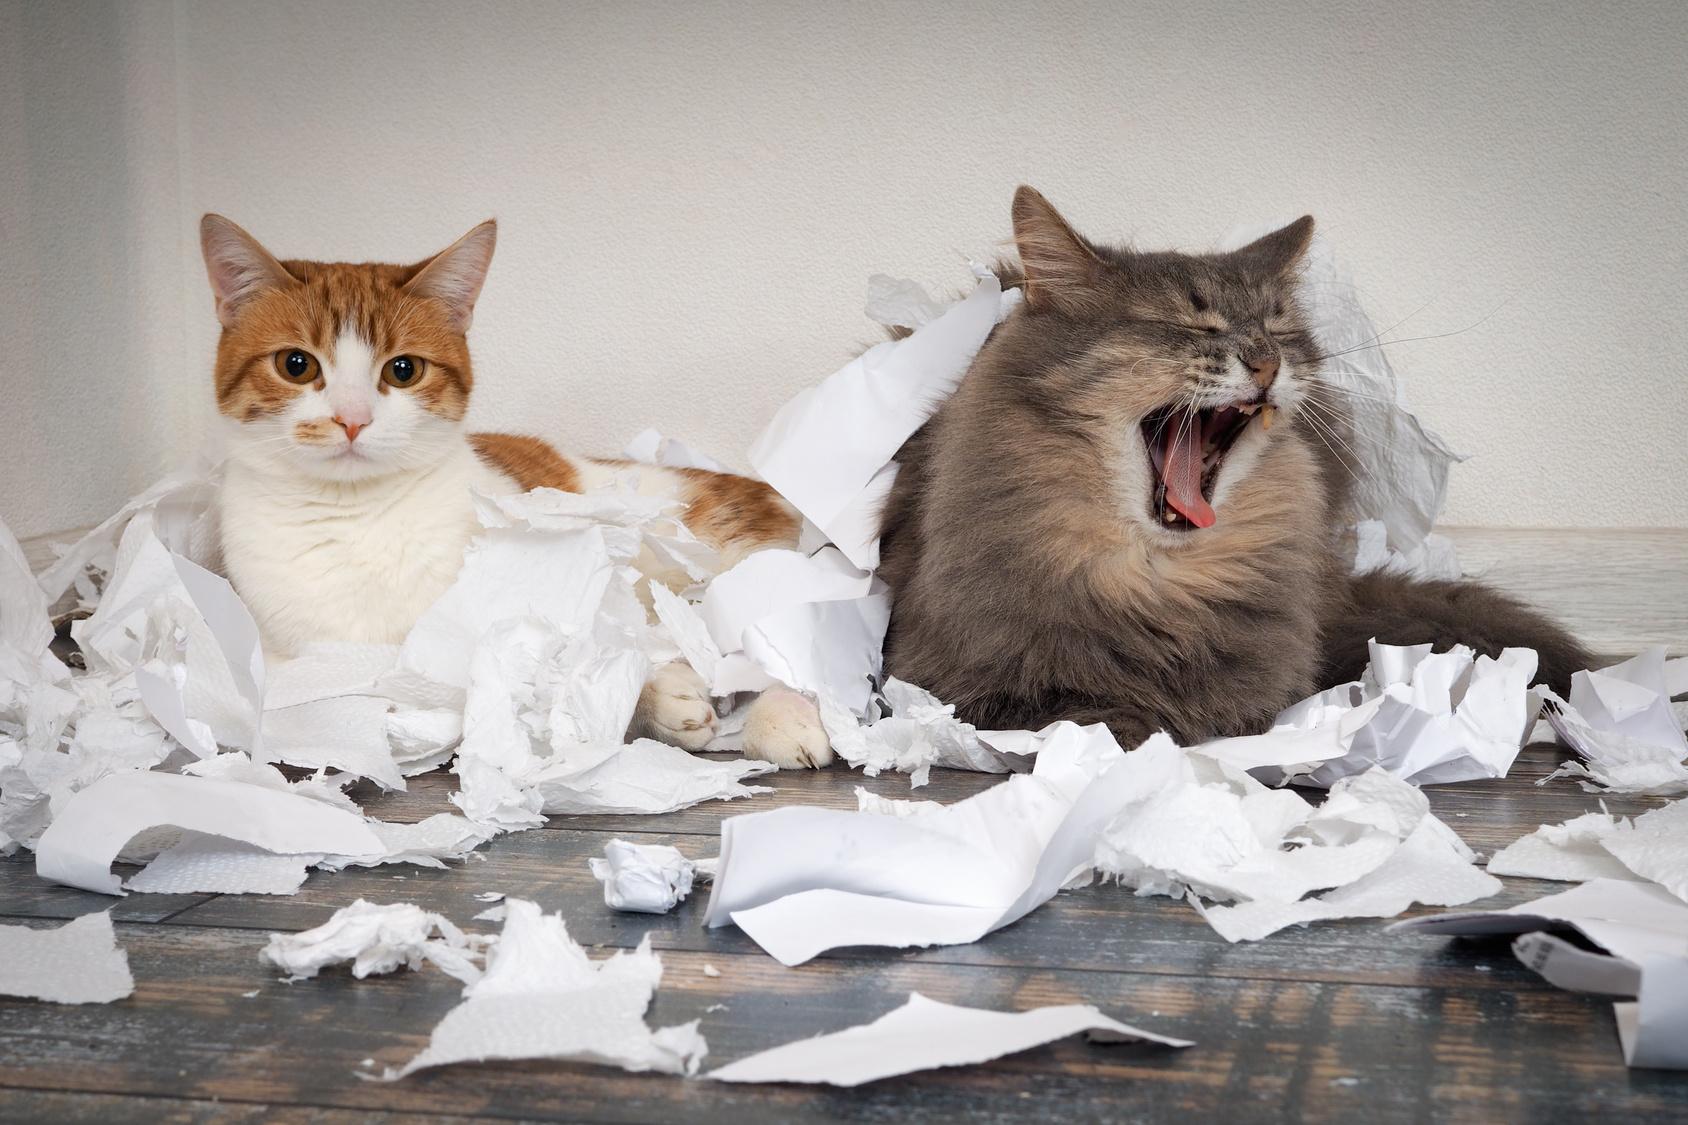 猫のしつけは犬のしつけ以上に大変!猫の習性としつけの方法